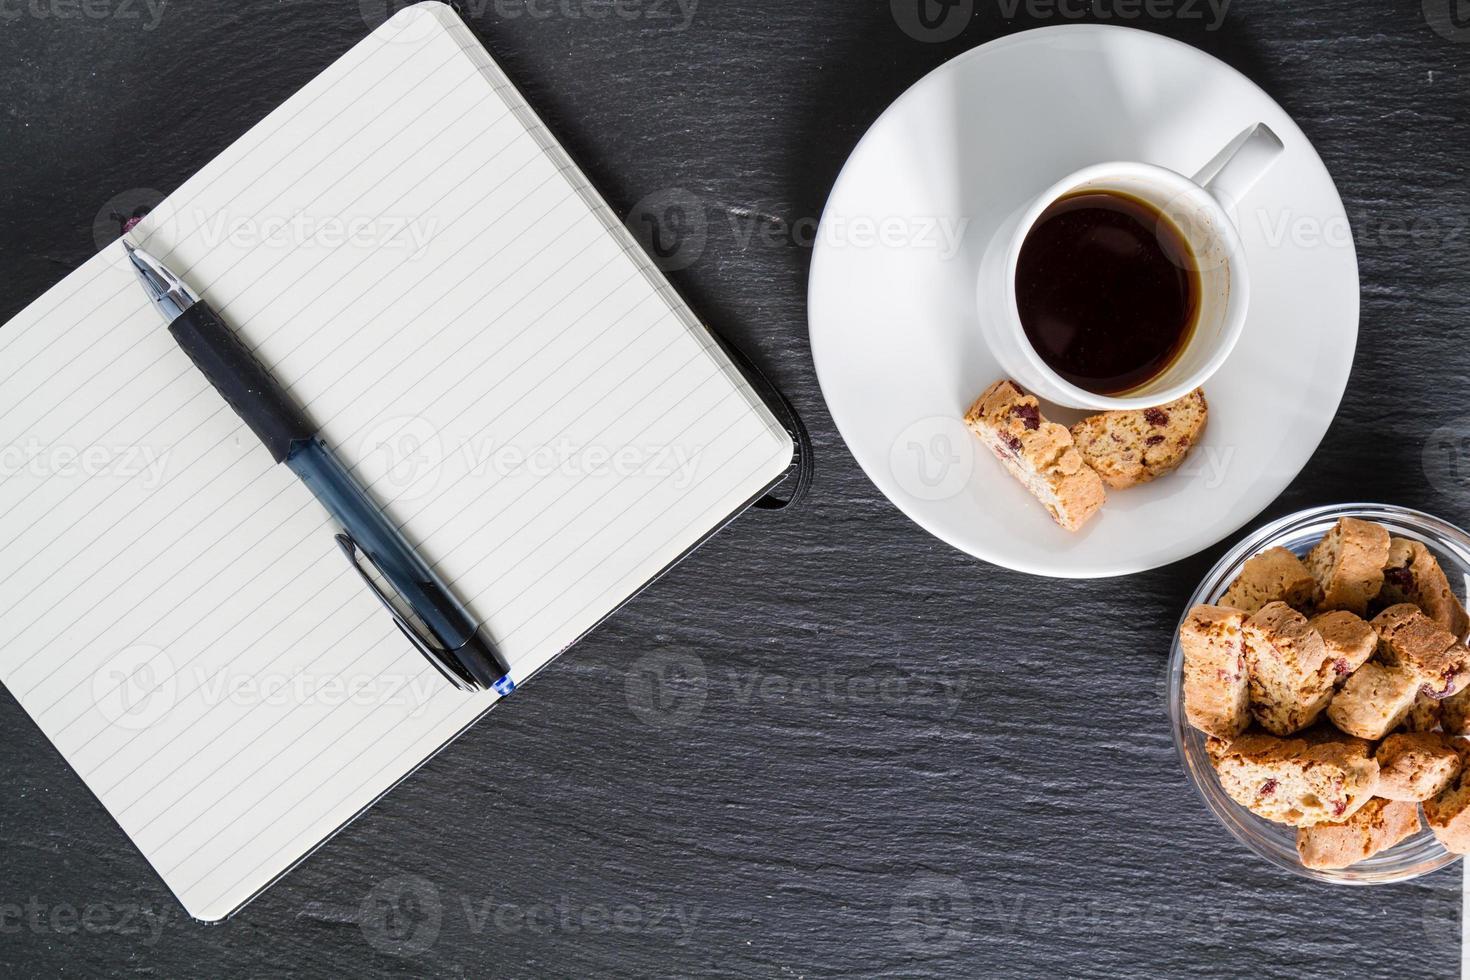 Geschäftstreffen - Kaffee, Kekse, Notizblock, Stift, foto